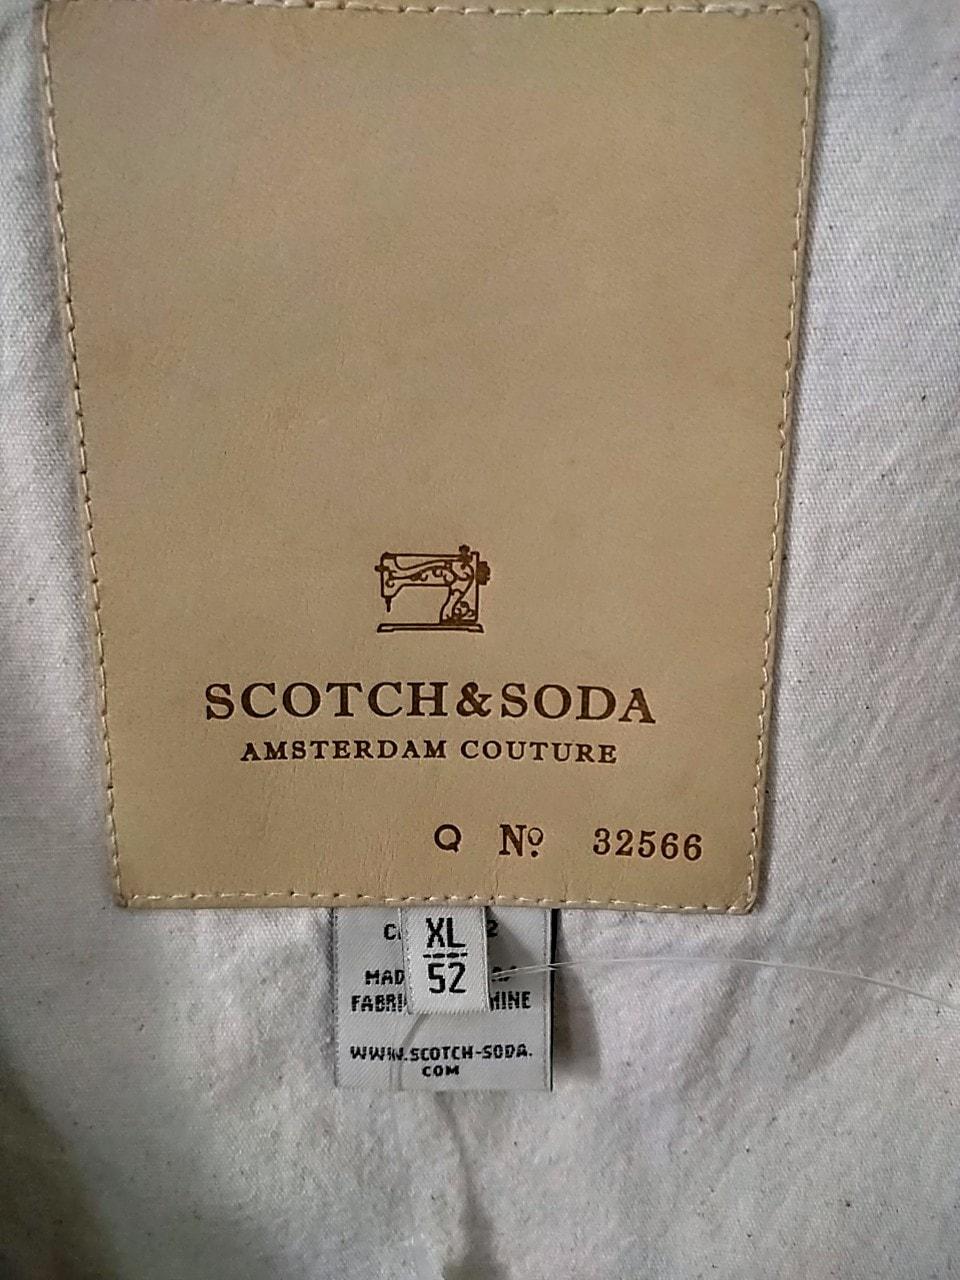 SCOTCH&SODA(スコッチアンドソーダ)のベスト